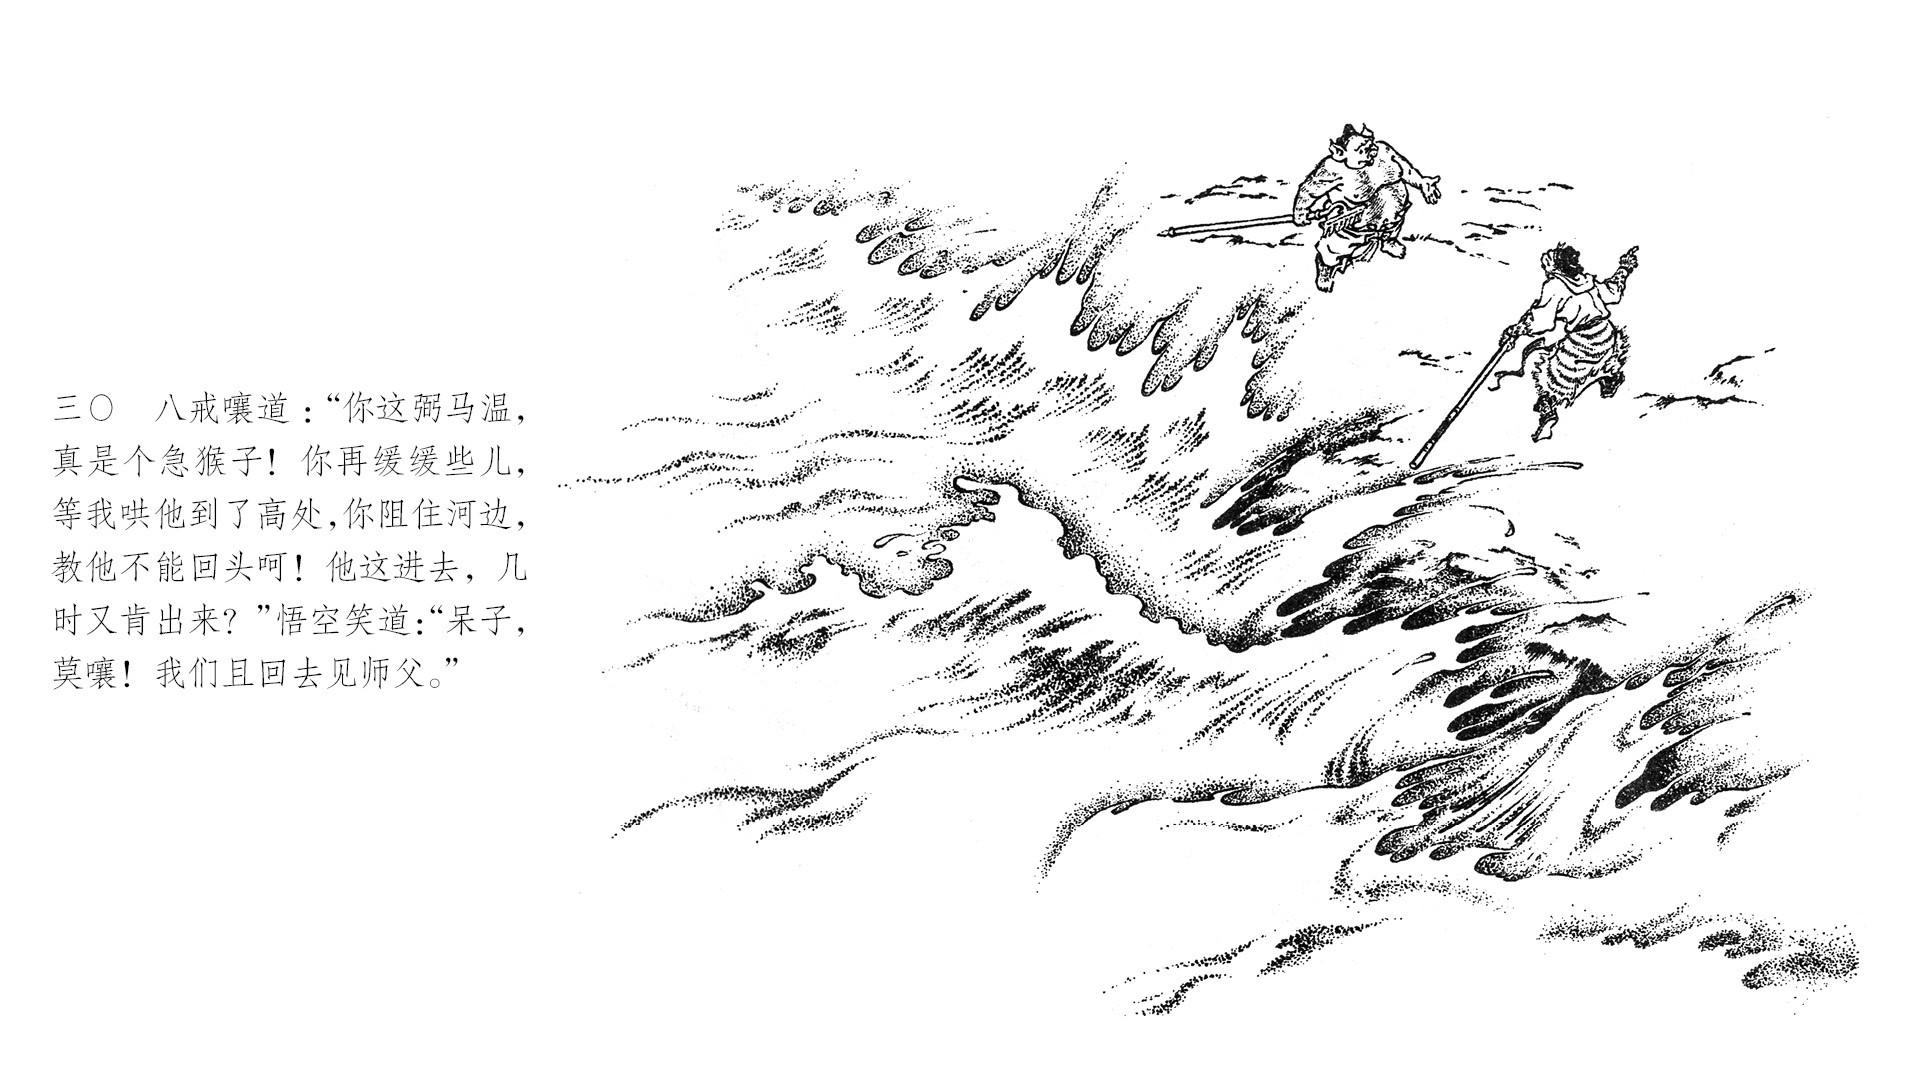 宽版连环画-西游记流沙河